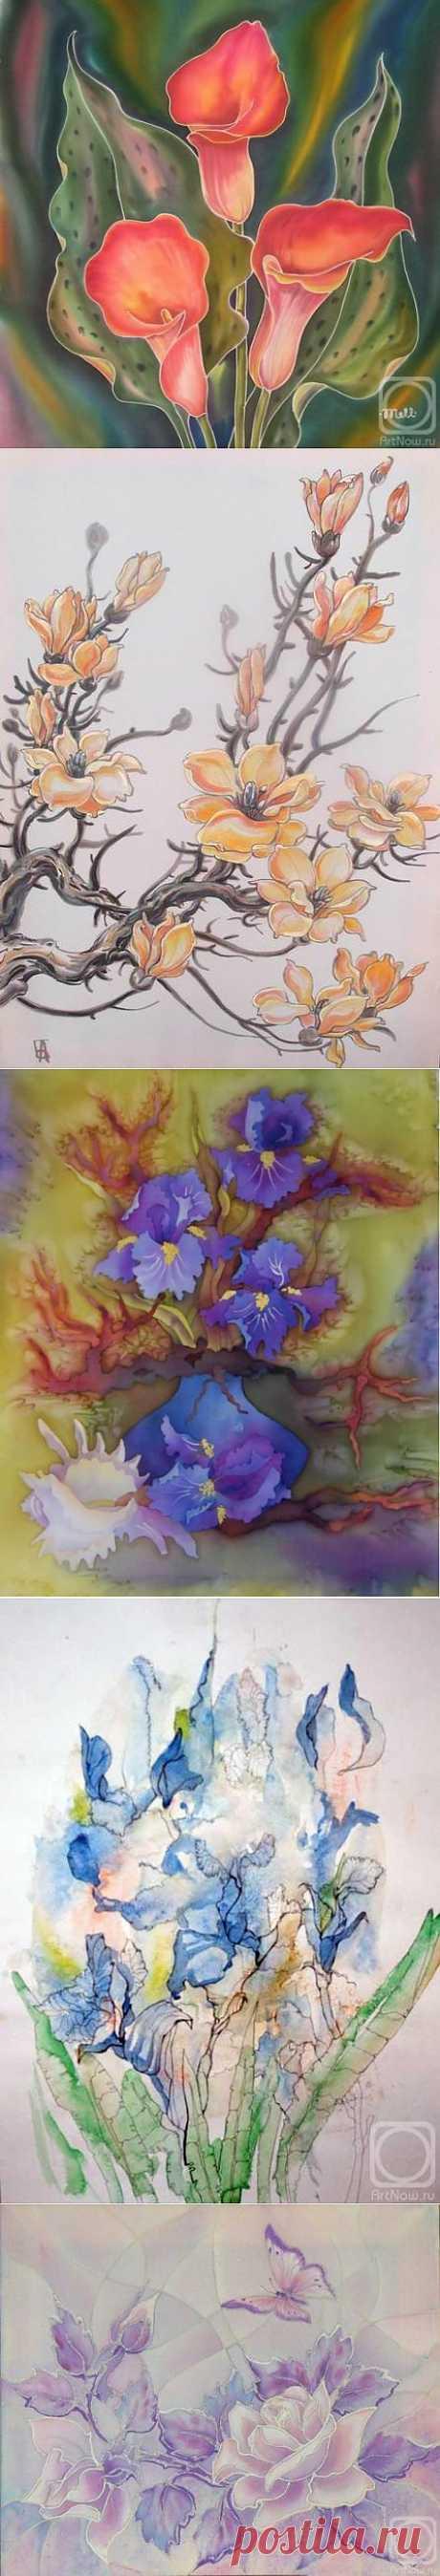 Батик. Цветы (3 часть) (66 работ) » Картины, художники, фотографы на Nevsepic